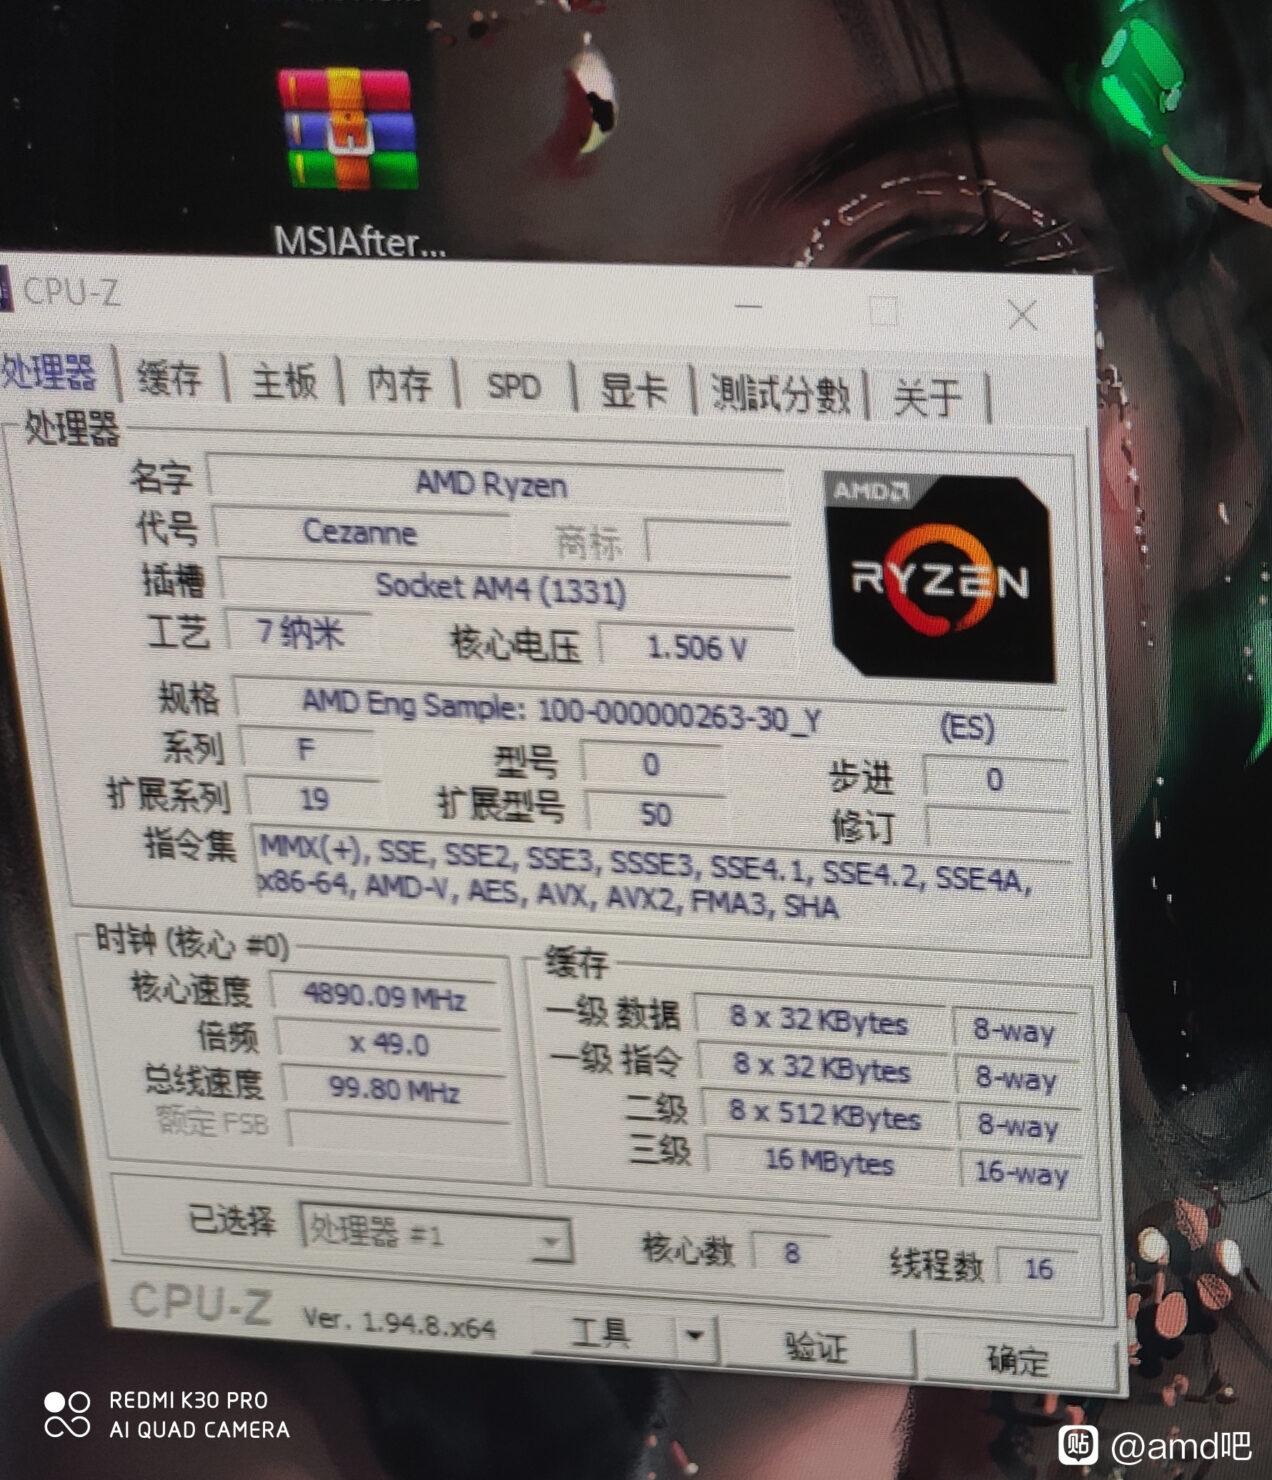 amd-ryzen-7-pro-5750g-8-core-zen-3-cezanne-desktop-apu-_-4-8-ghz-overclock-_1